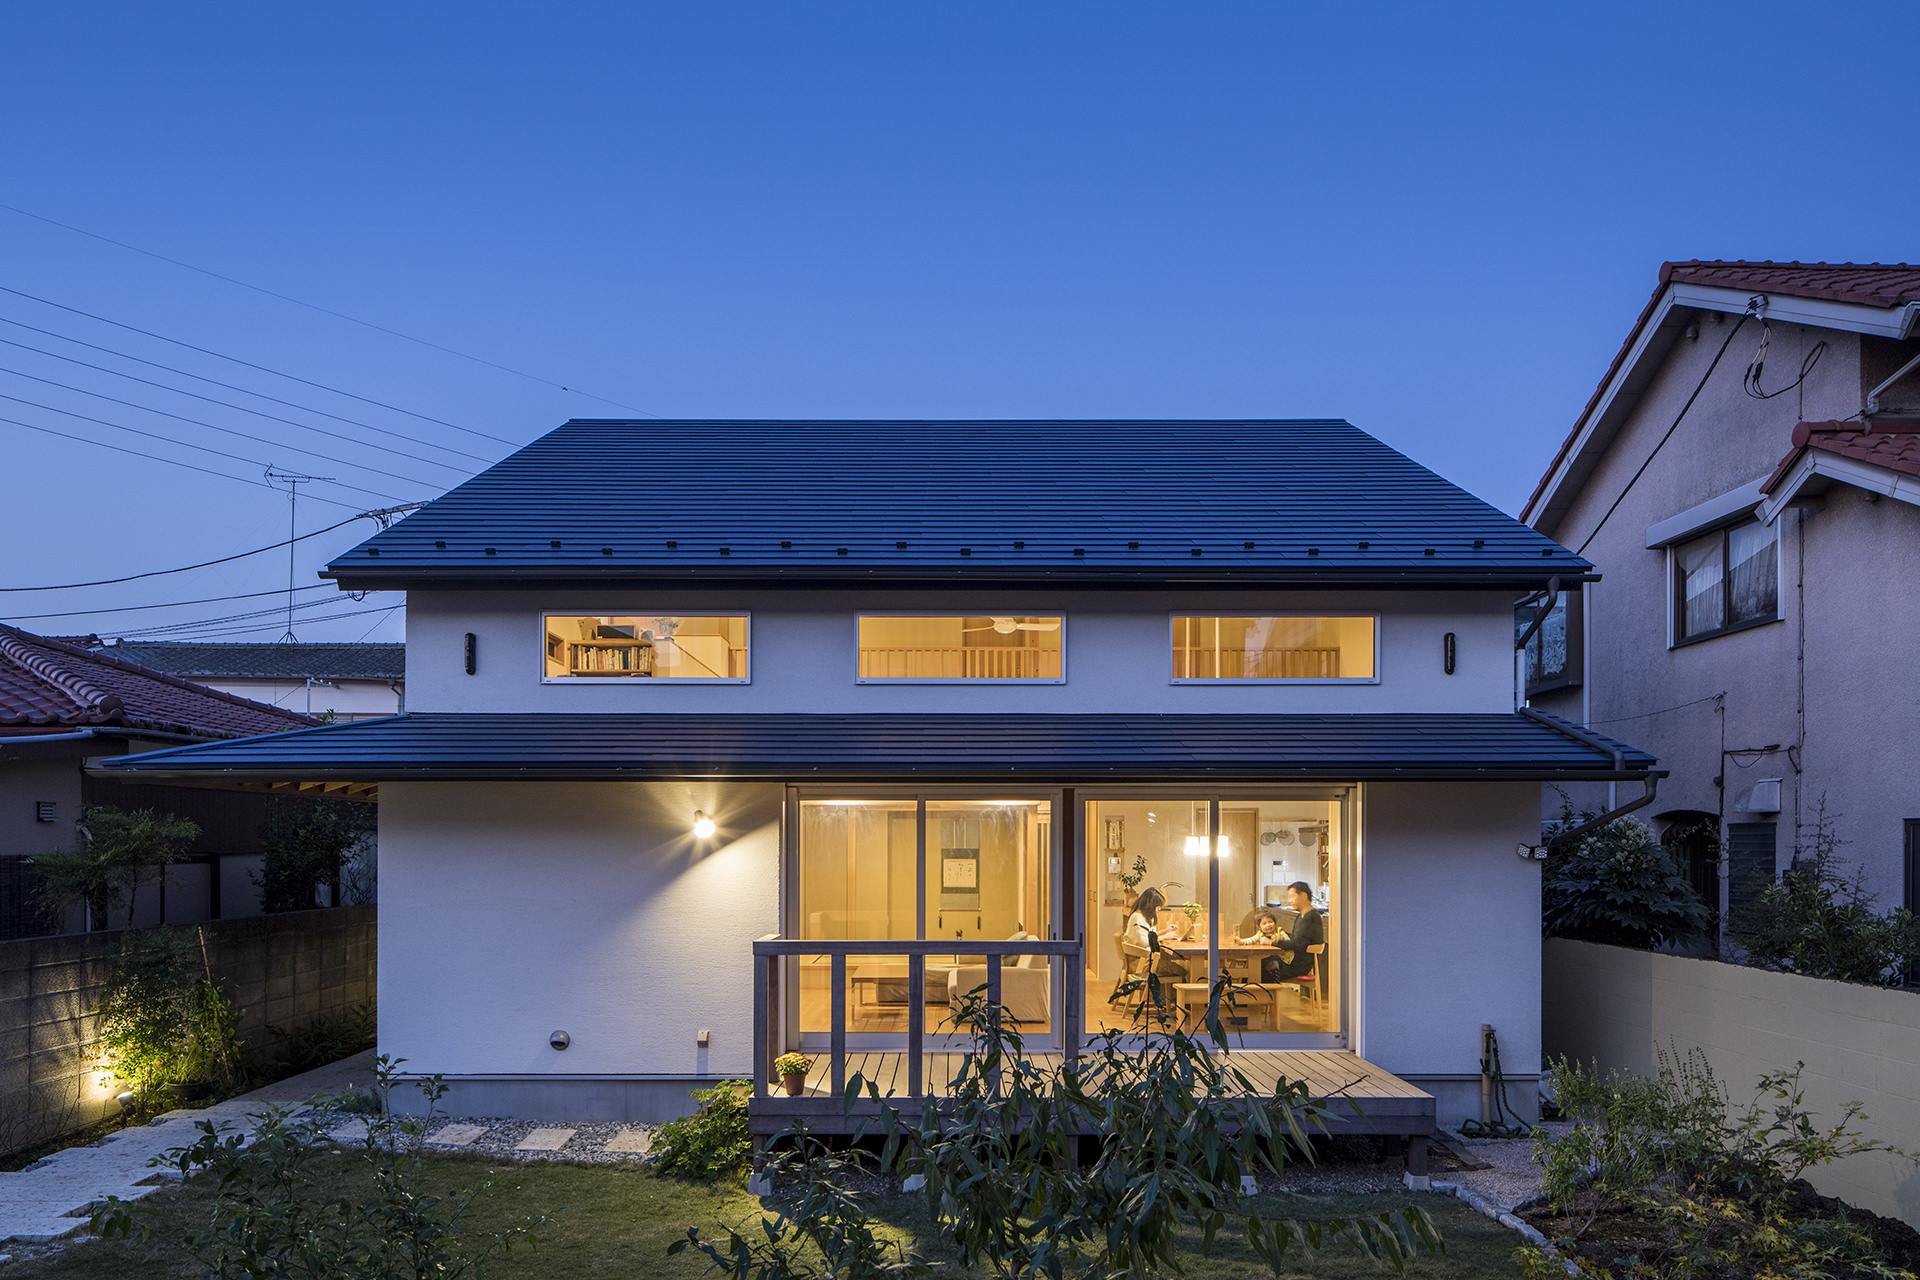 家族を結びつける大屋根の家 イメージ14 撮影:東涌写真事務所・東涌宏和